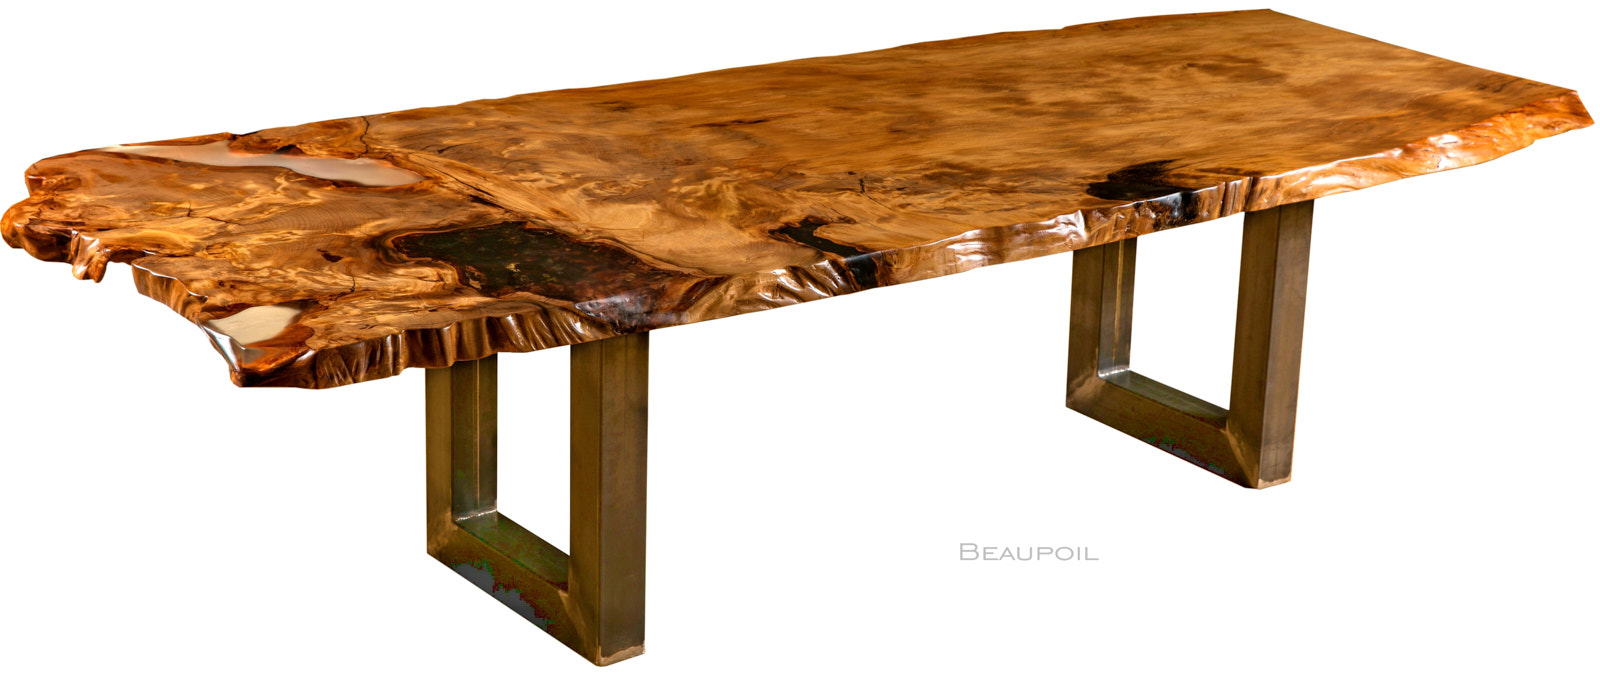 Großer Kauri Esstisch aus Wurzel und Stamm mit Baumstammplatte ein Stück Naturwuchs, schöner kunstvoller Holztisch mit Bernstein